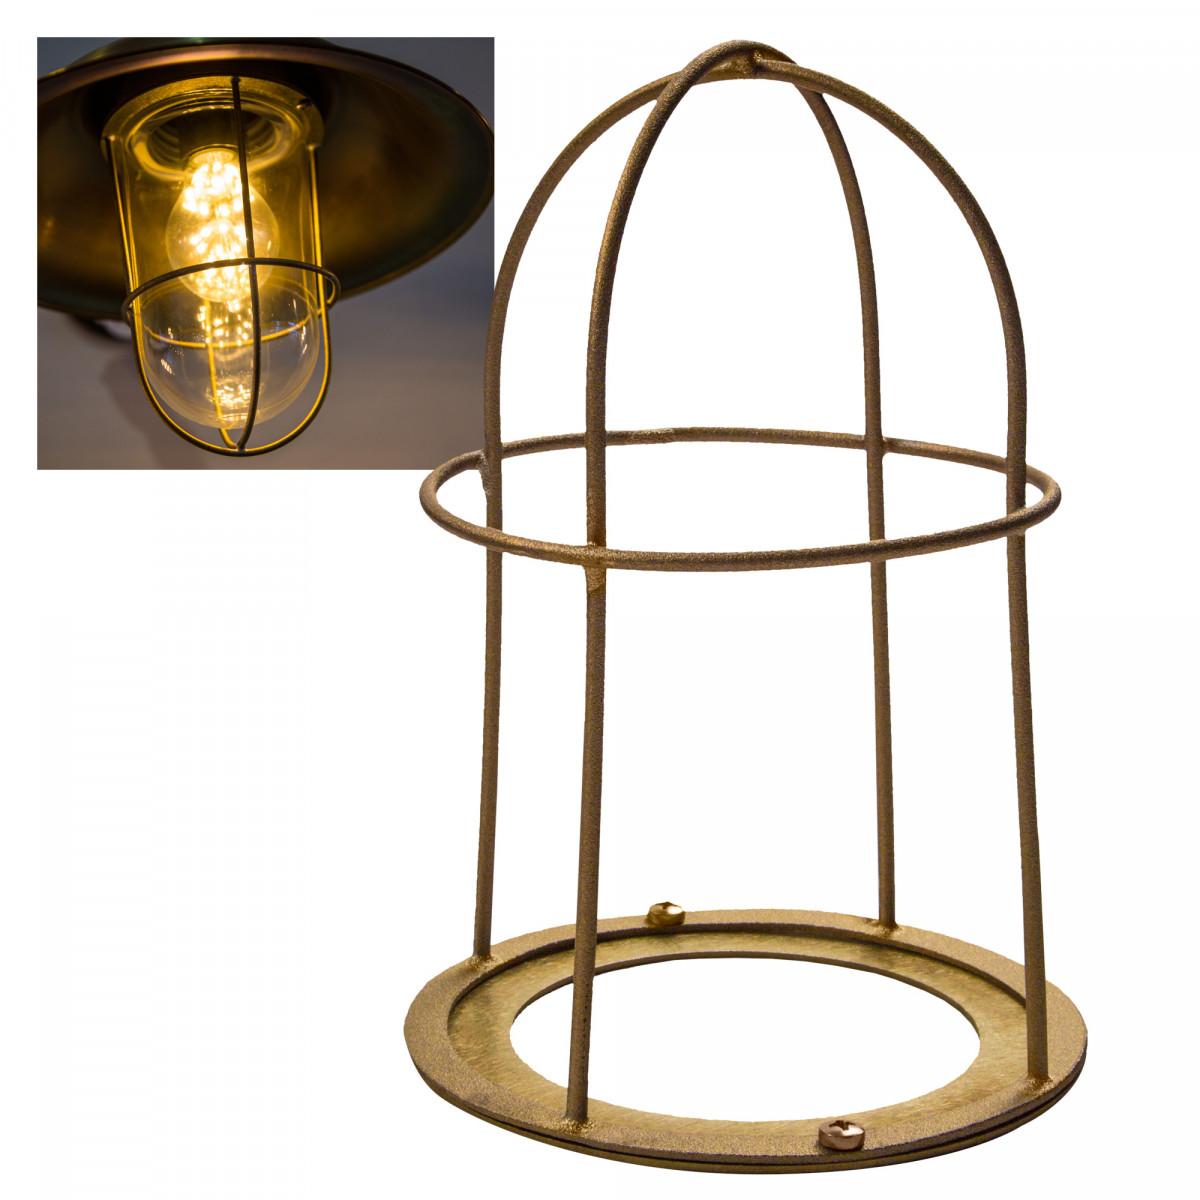 Messing raster voor stallamp -  accessoires en onderdelen